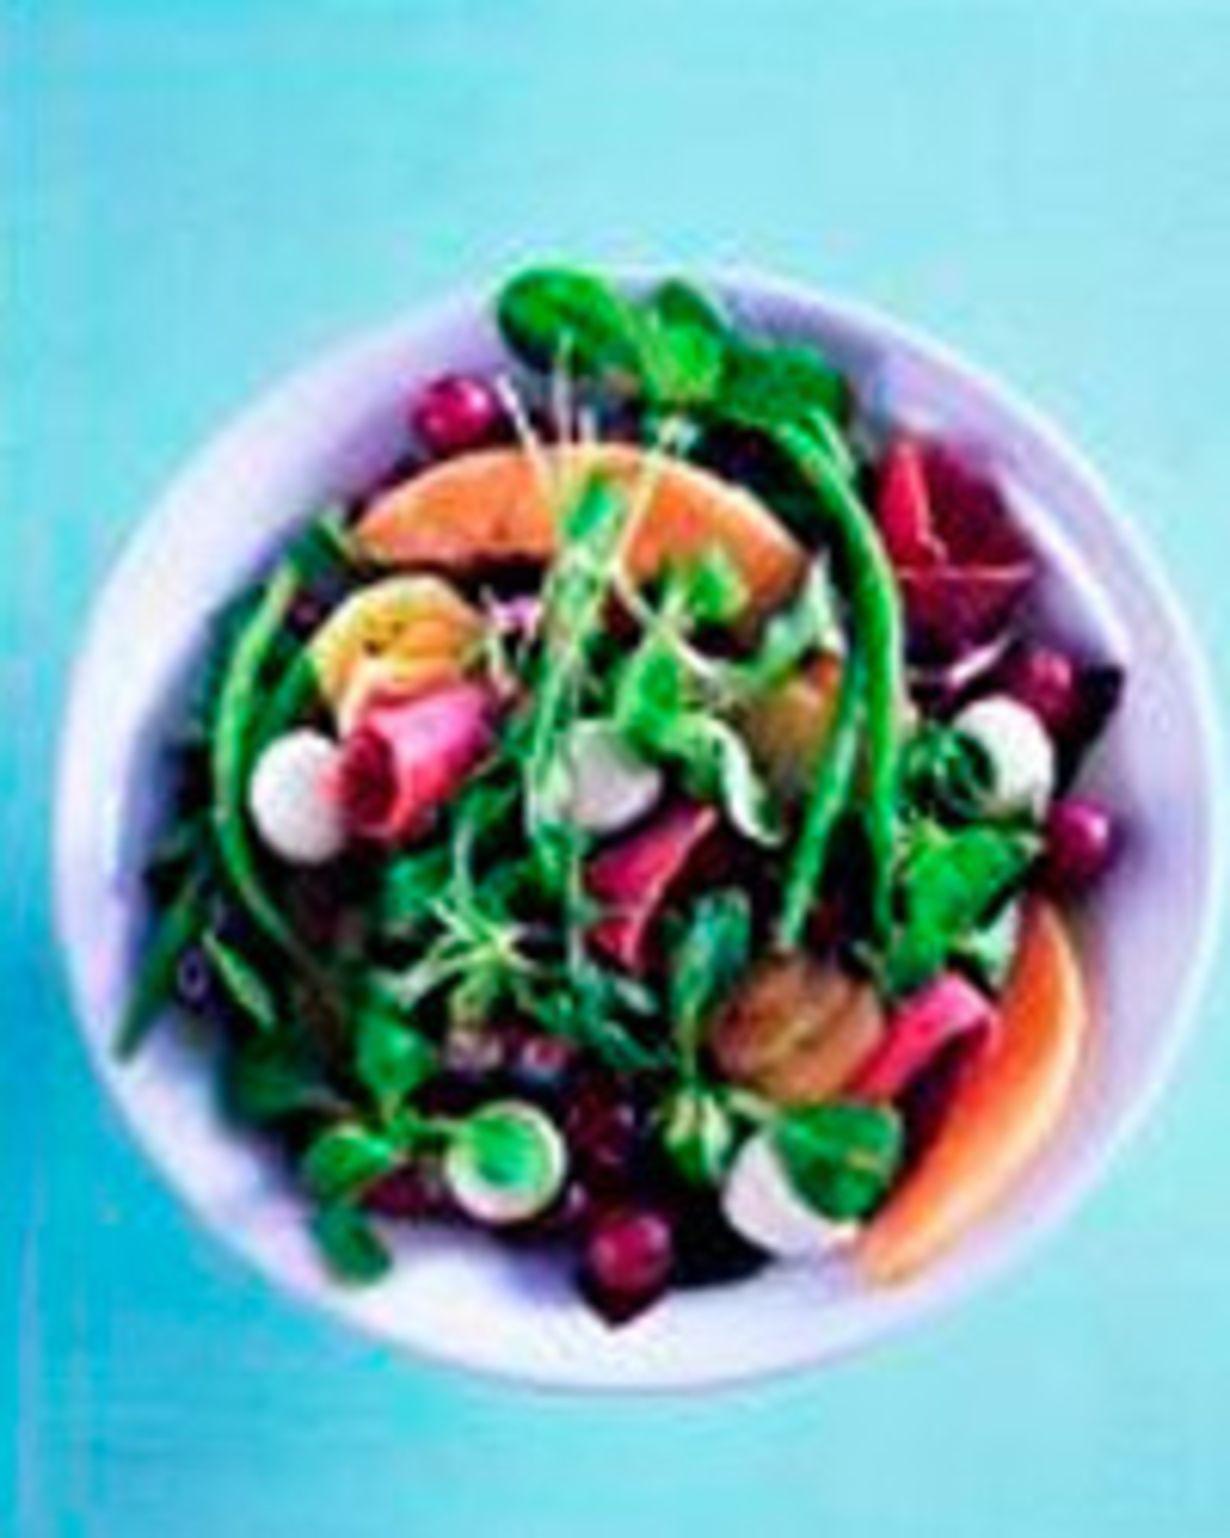 6 annosta 8 kiinteää perunaa20 viiriäisenmunaa1-2 lajia salaattia, esim. tammenlehti, jäävuori, vuonankaali tms.1 punasipuli1 rasia...